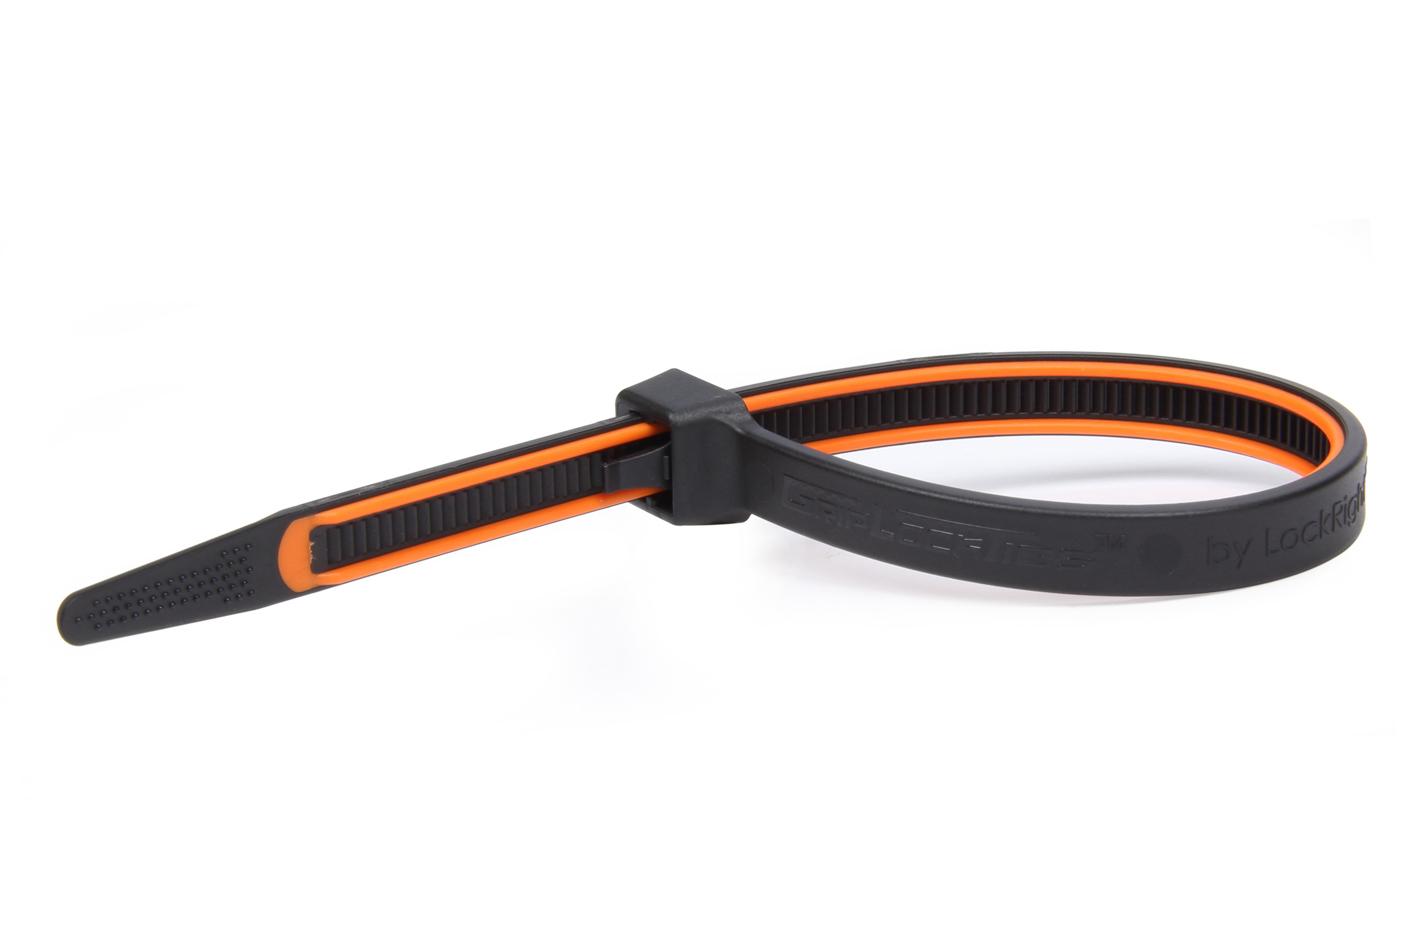 Grip Lock Ties 2908BKOGHB100 Cable Ties, Zip Ties, 8 in Long, Orange Rubber Lined, Nylon, Black, Reusable, Set of 100